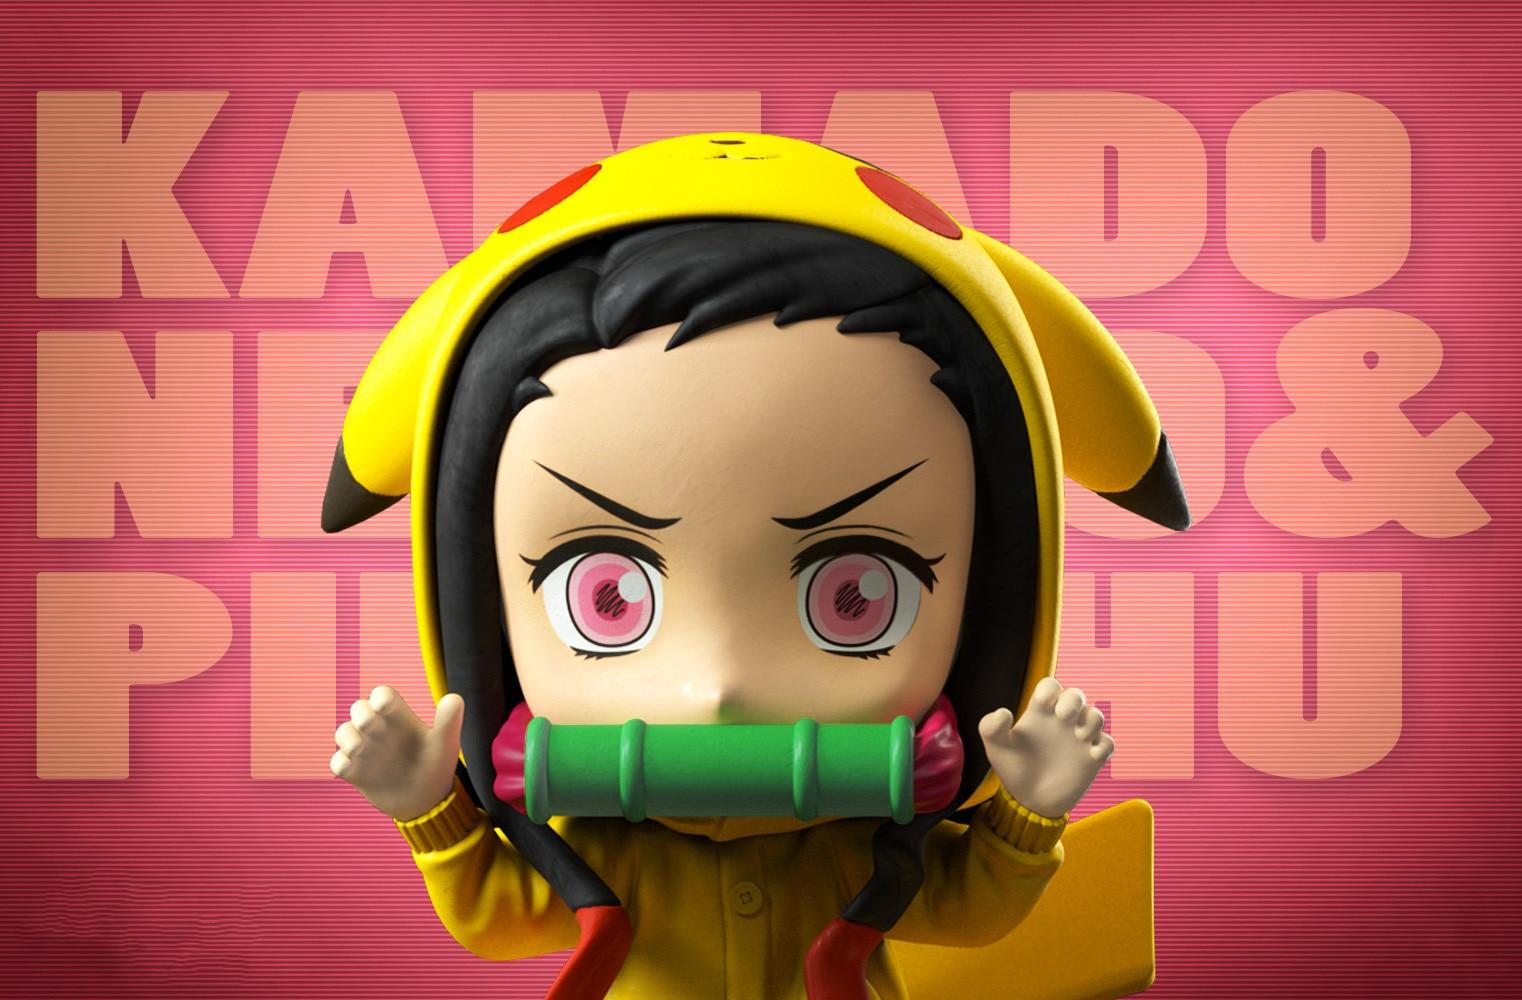 Аниме Фигурка рассекающего демонов Kimetsu No Yaiba Kamado Nezuko, милые игрушки для детей, Коллекционная модель, ПВХ кукла